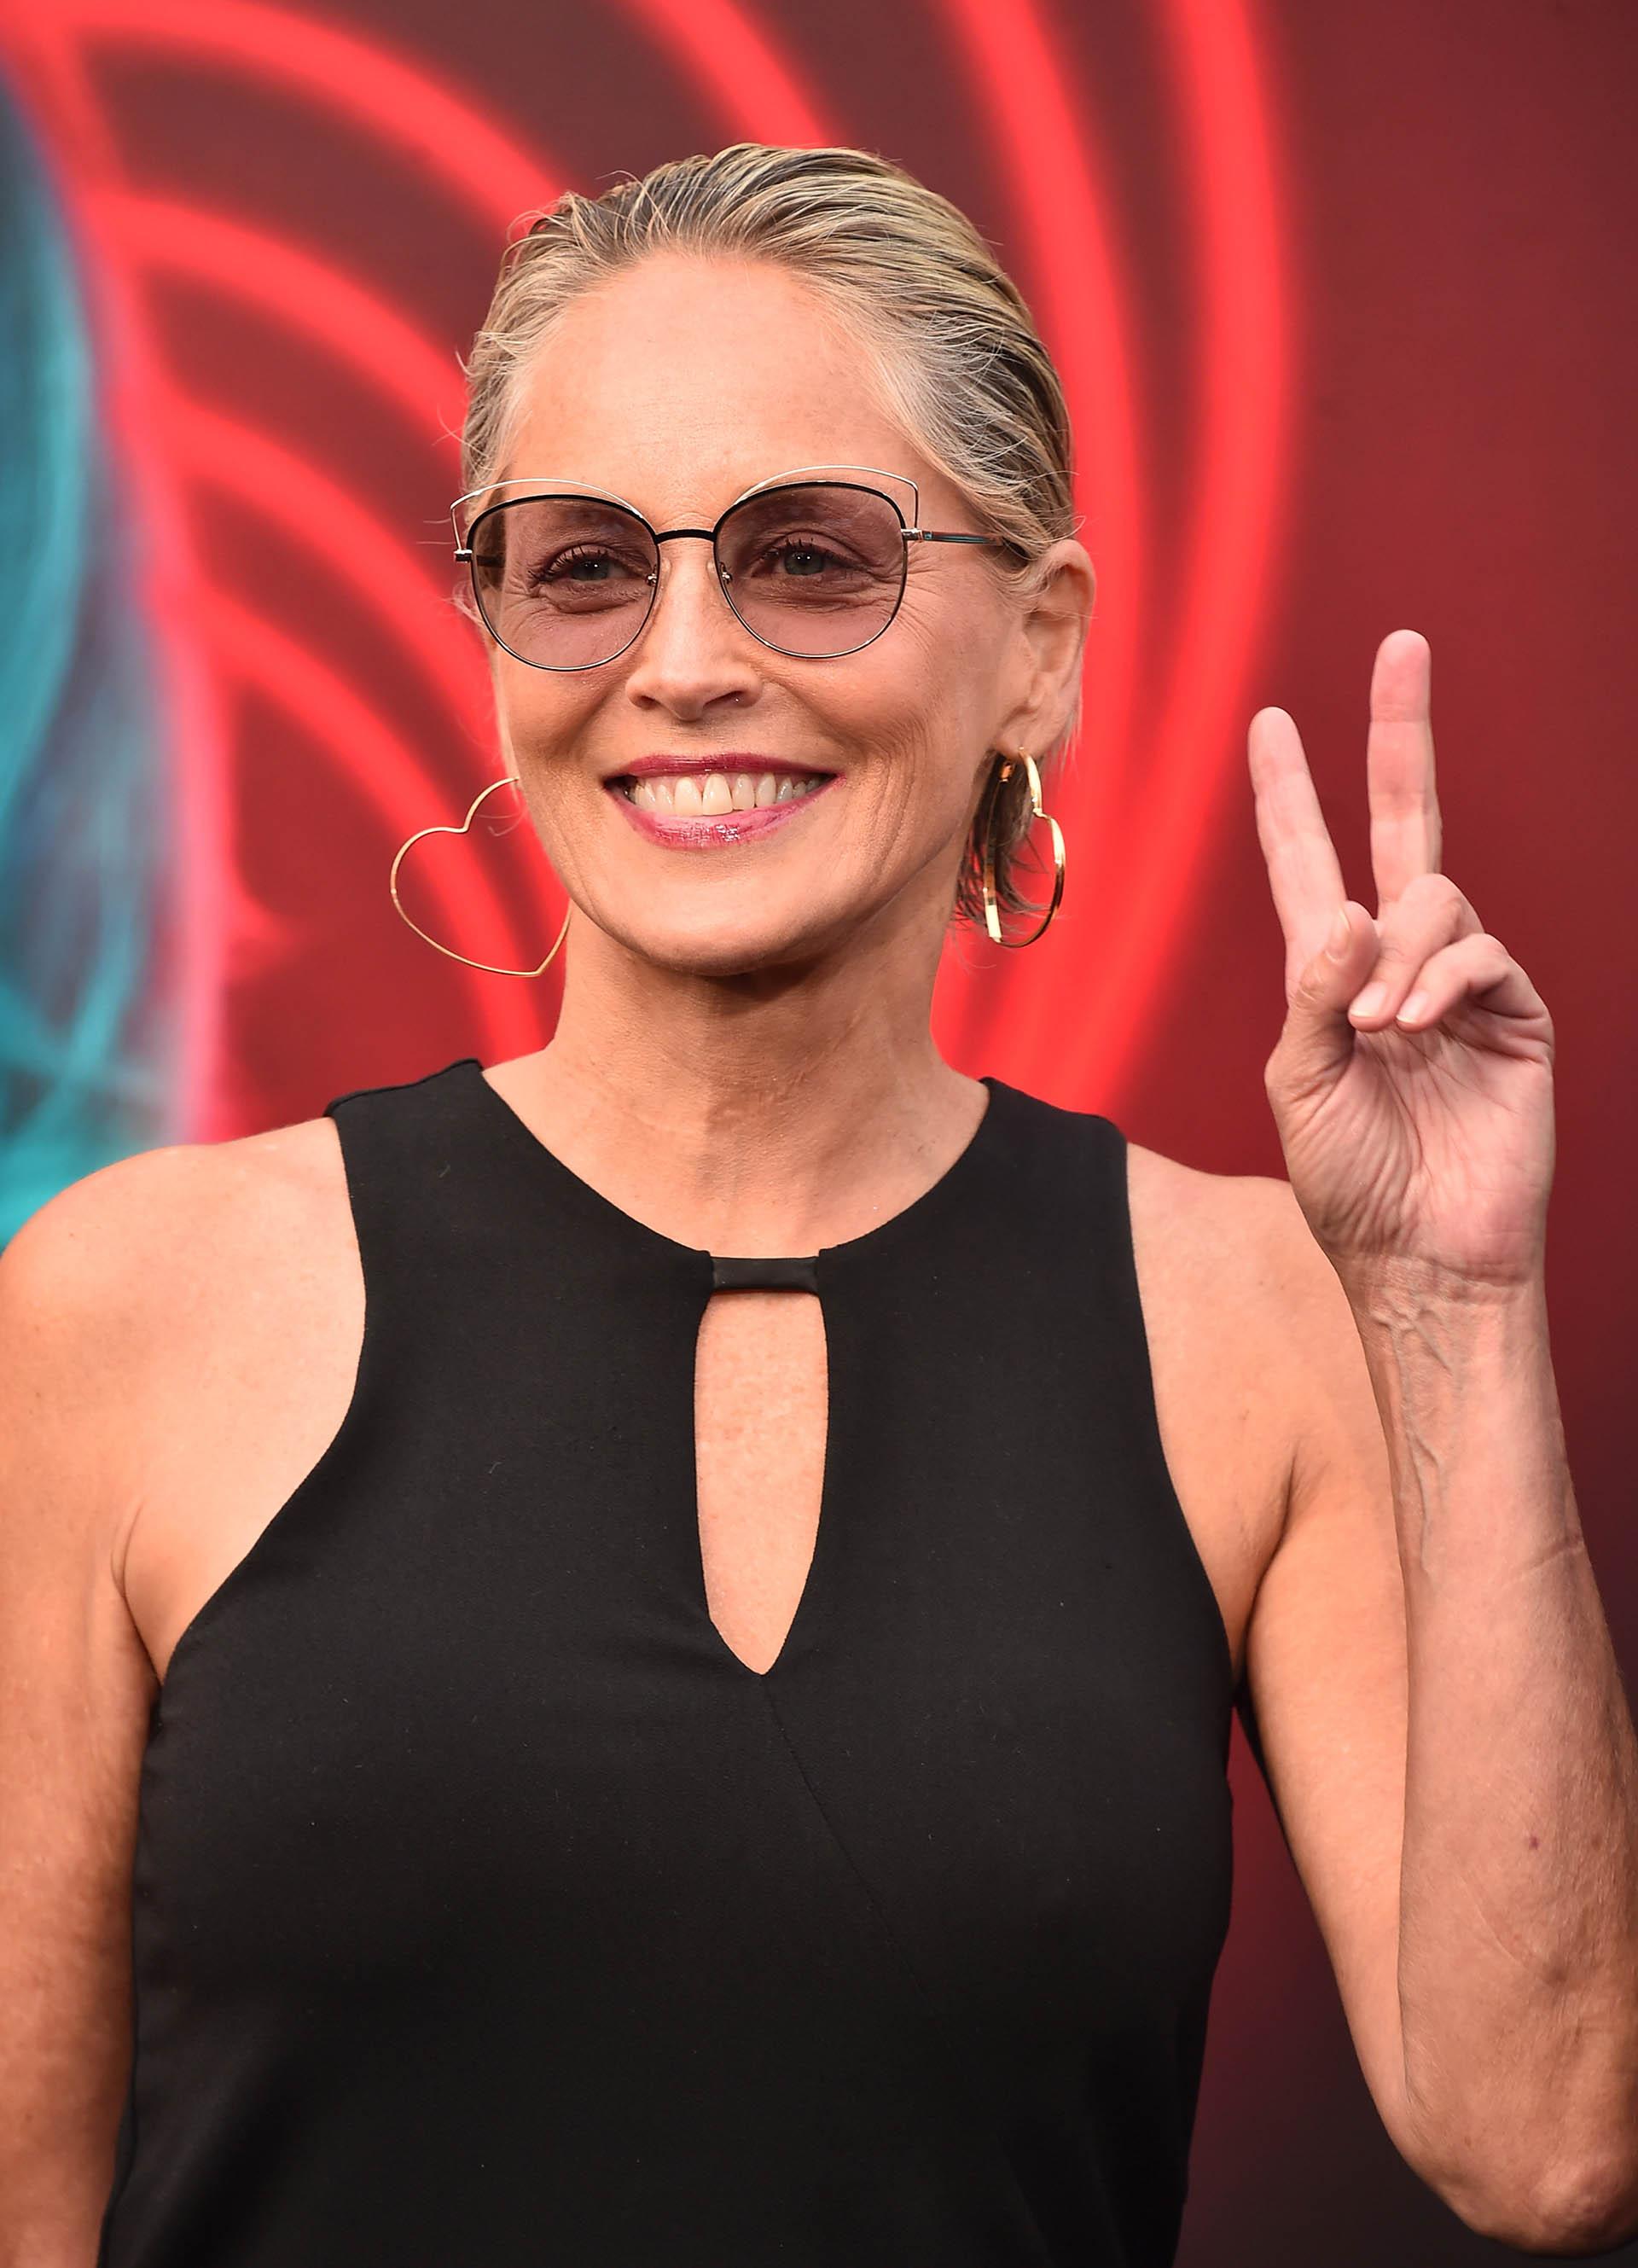 La actriz es madre de tres hijos y actualmente se encuentra en pareja con Angelo Boffa, un inversor inmobiliario varios años menor que ella